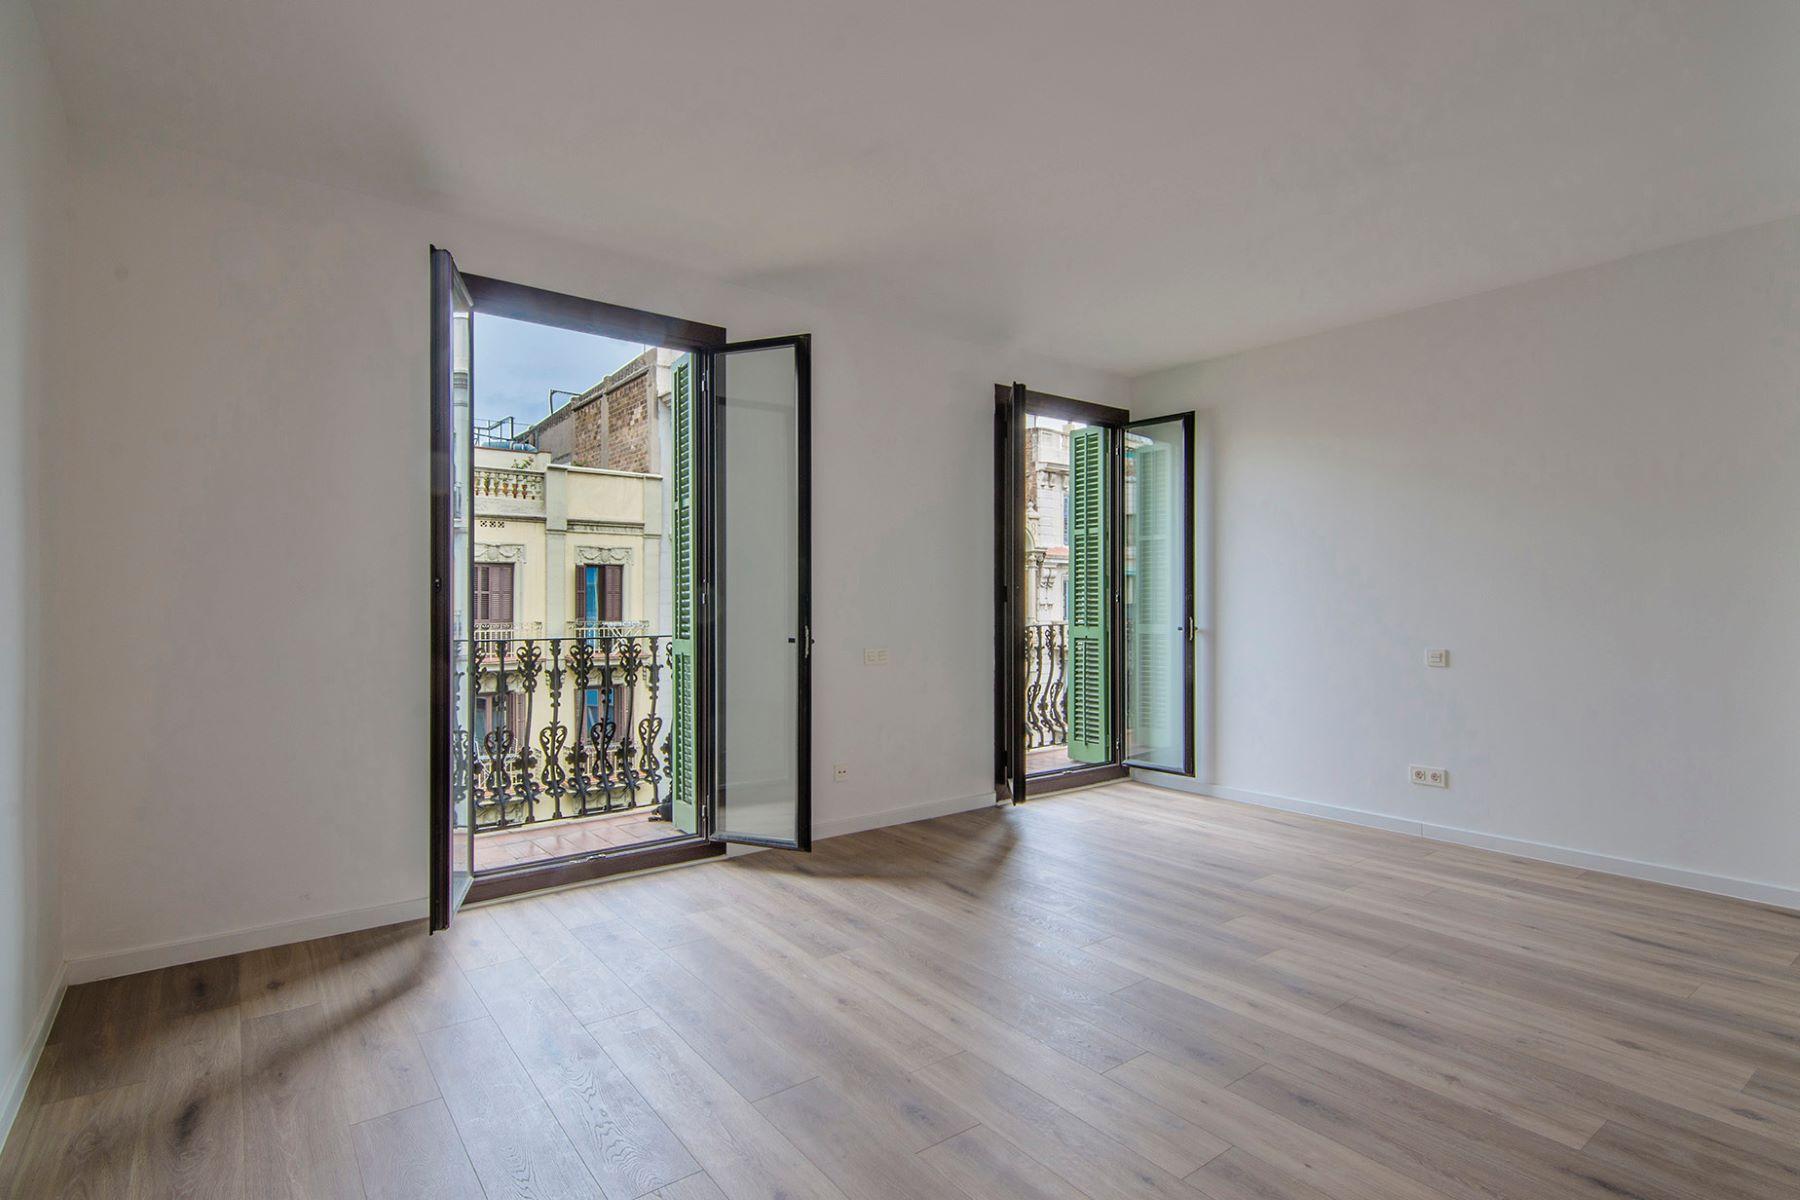 公寓 为 销售 在 Apartment to move to in the left Side of Eixample 巴萨罗纳城, 巴塞罗那, 08007 西班牙